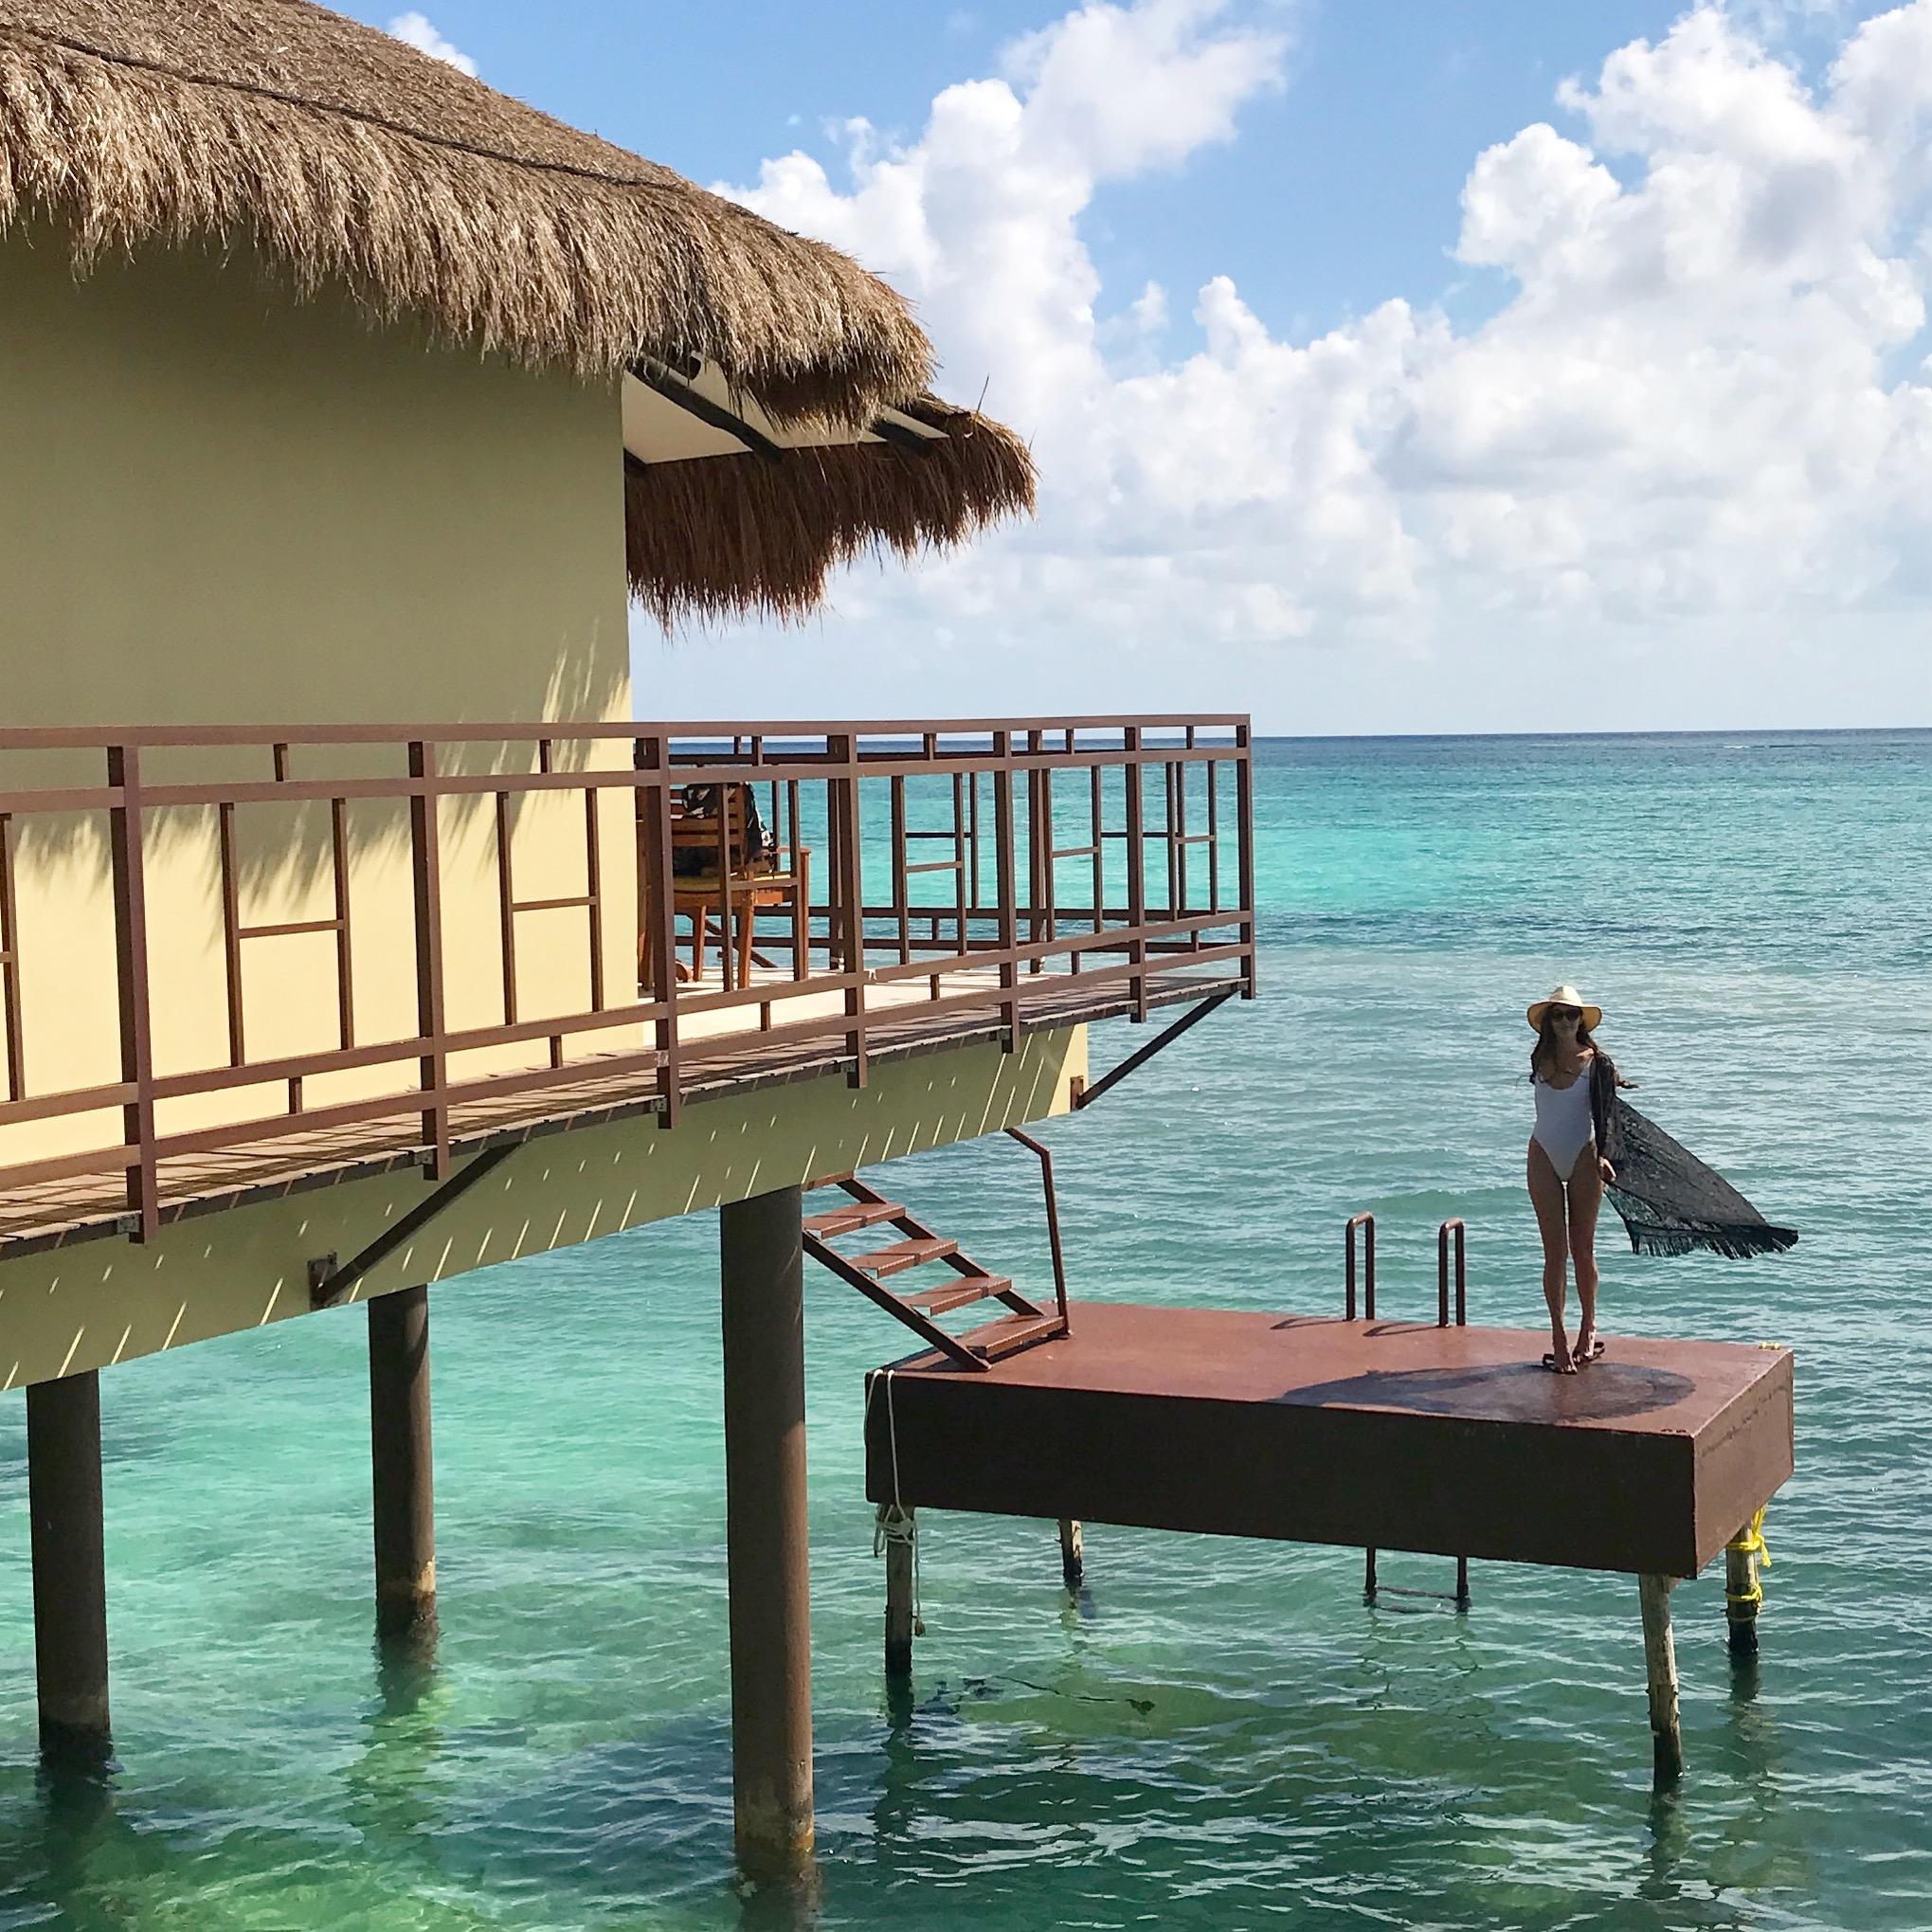 Palafitos Overwater Bungalows - El Dorado Maroma